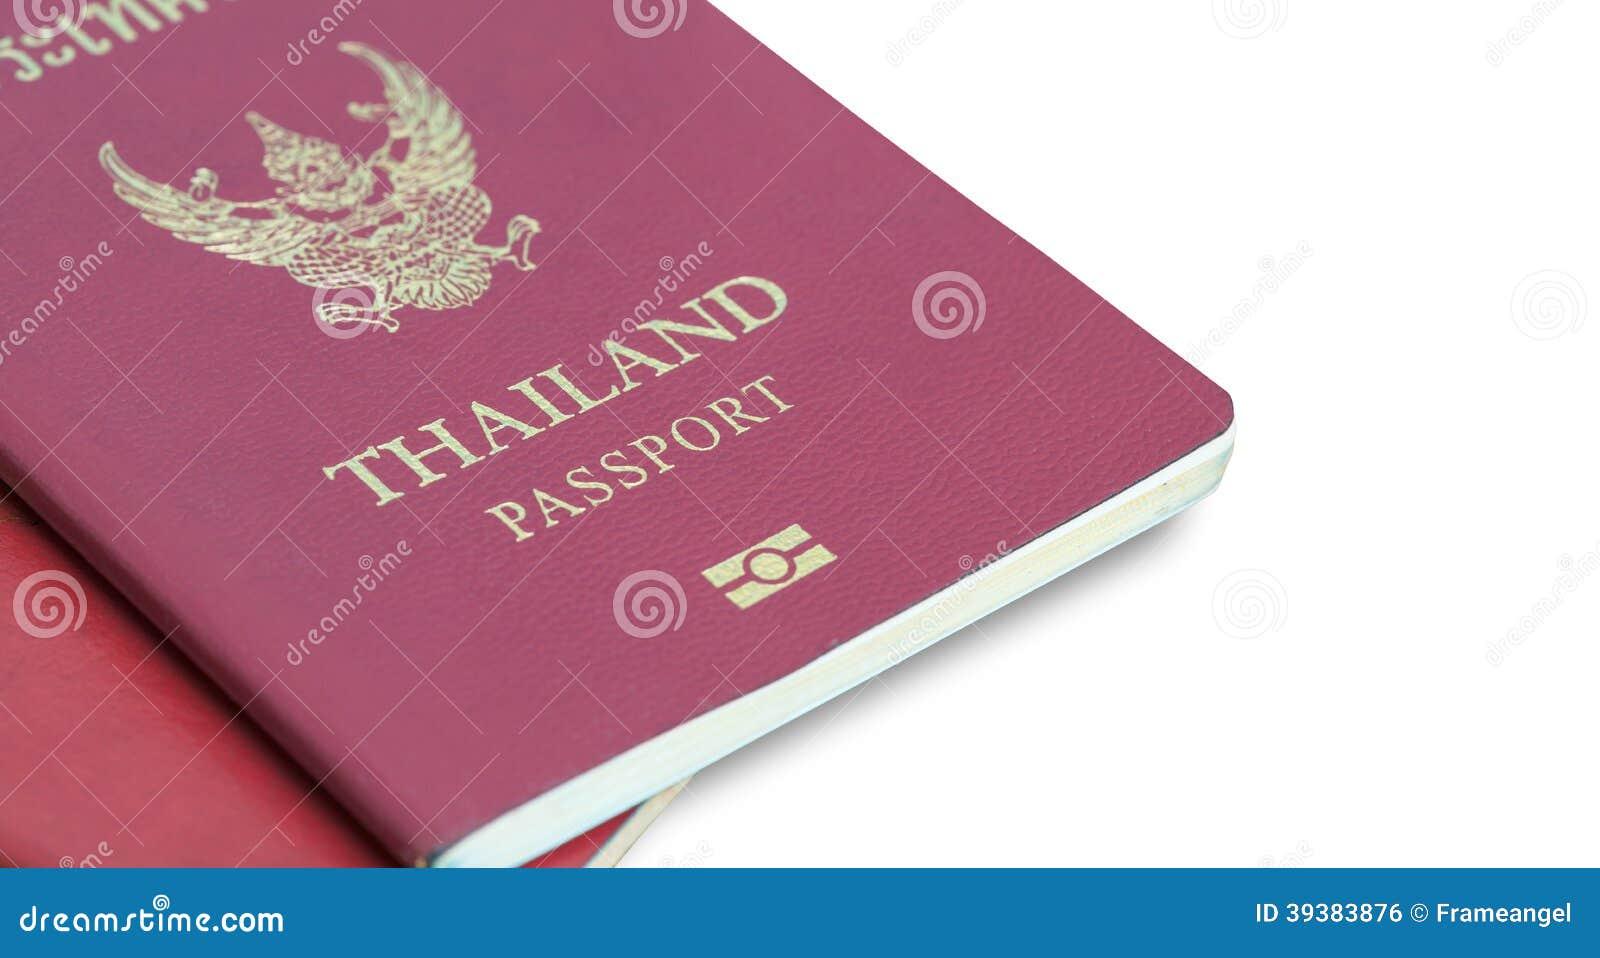 Thailand Passport on table